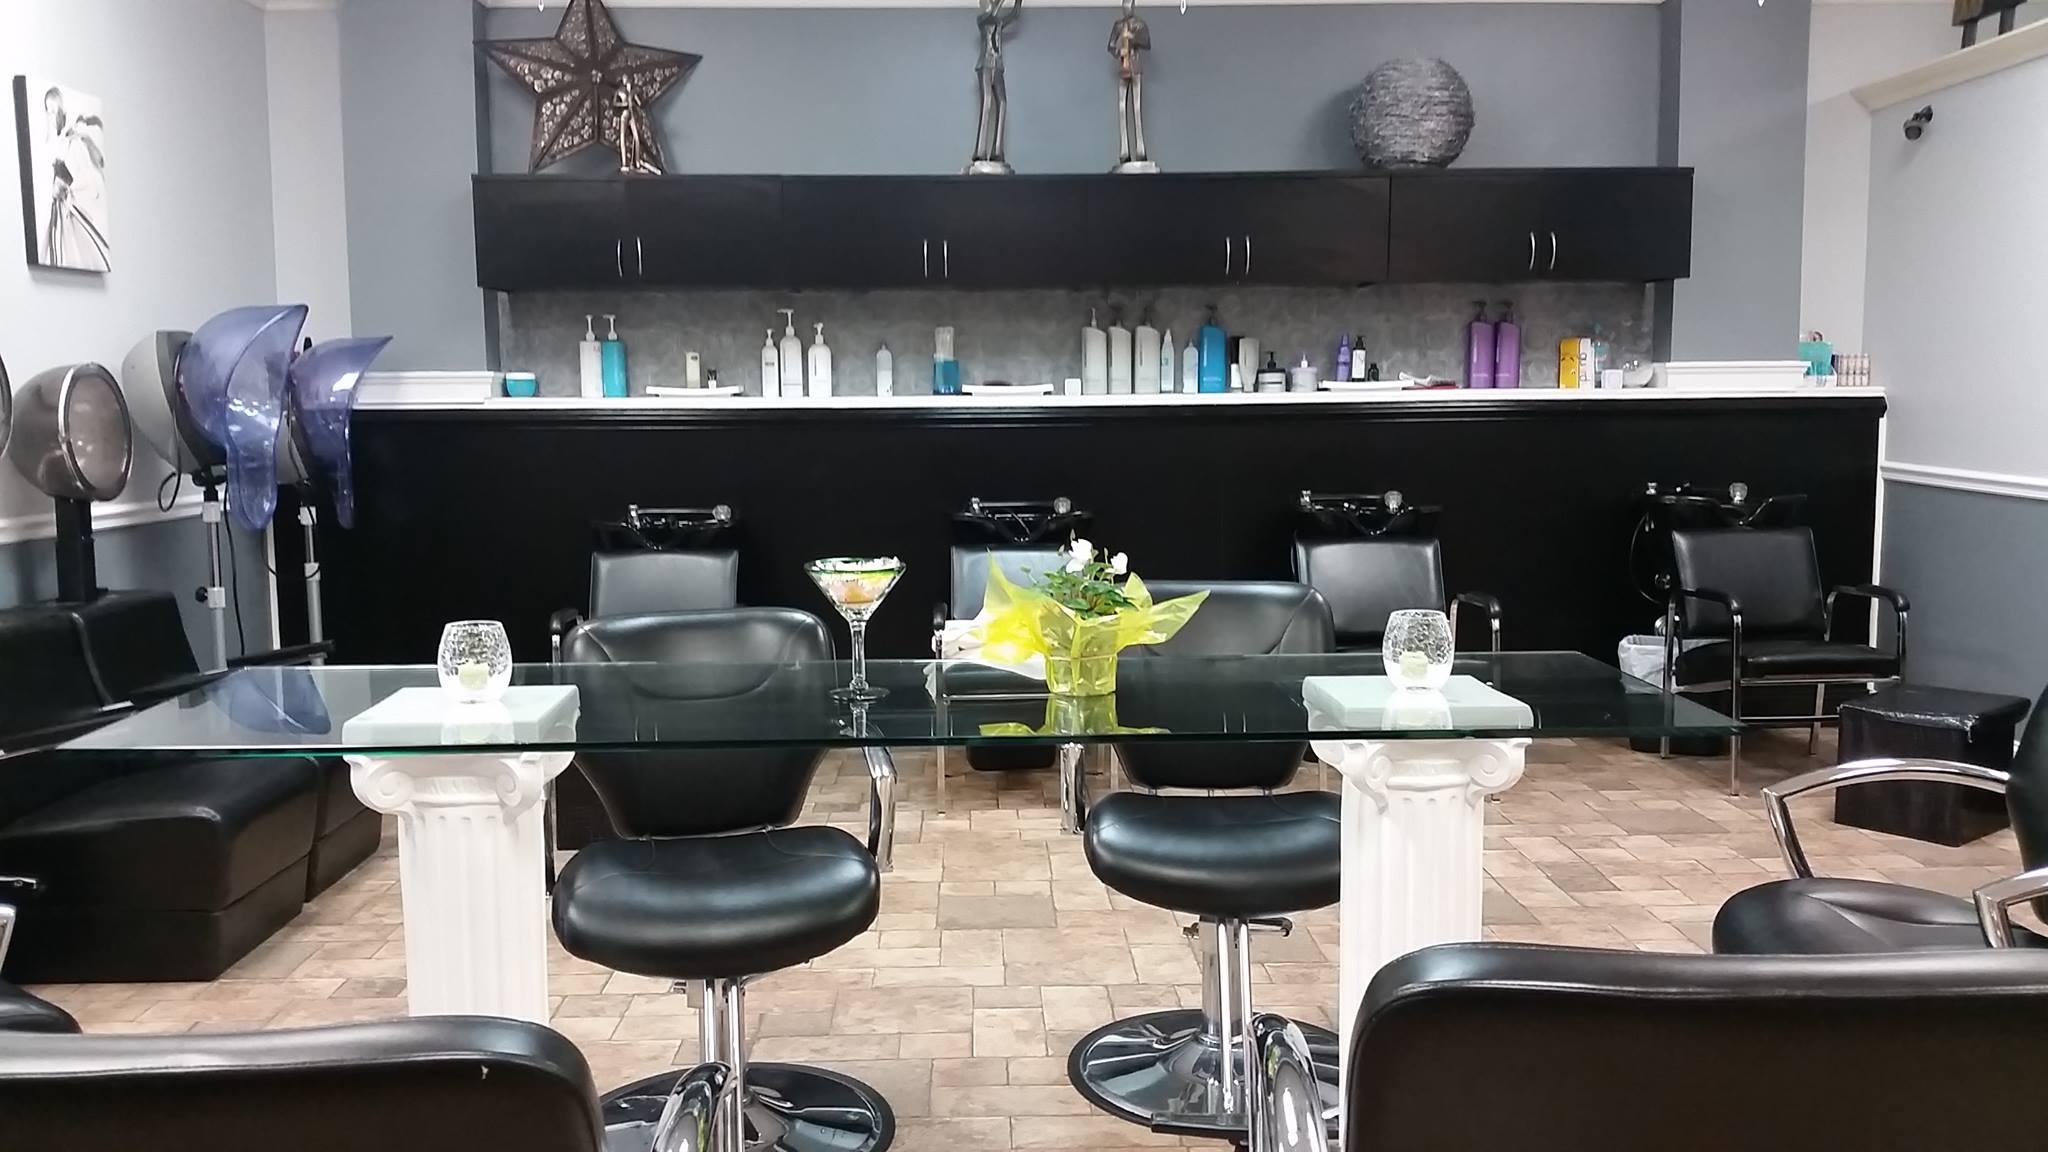 Spa Bella Salon & Boutique